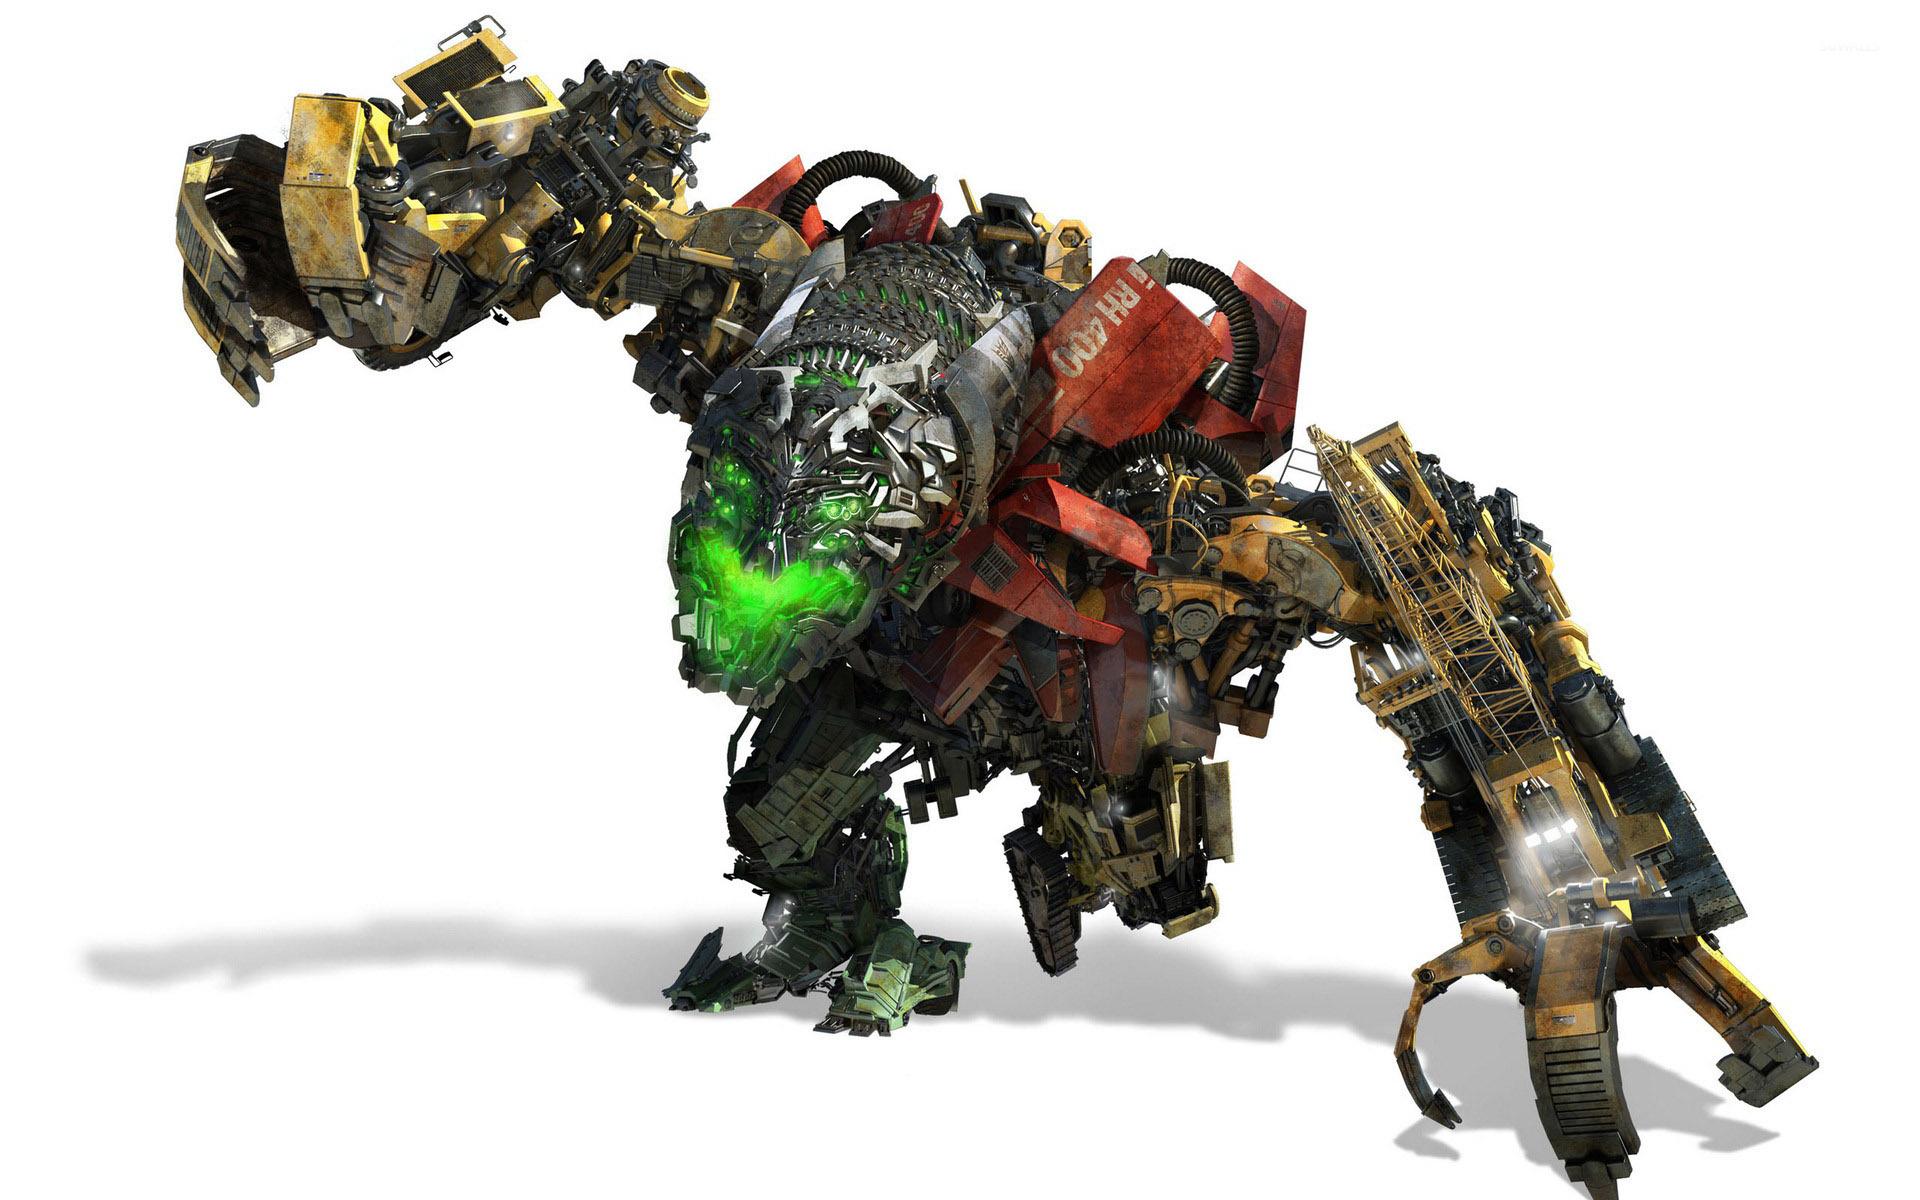 Devastator Transformers wallpaper